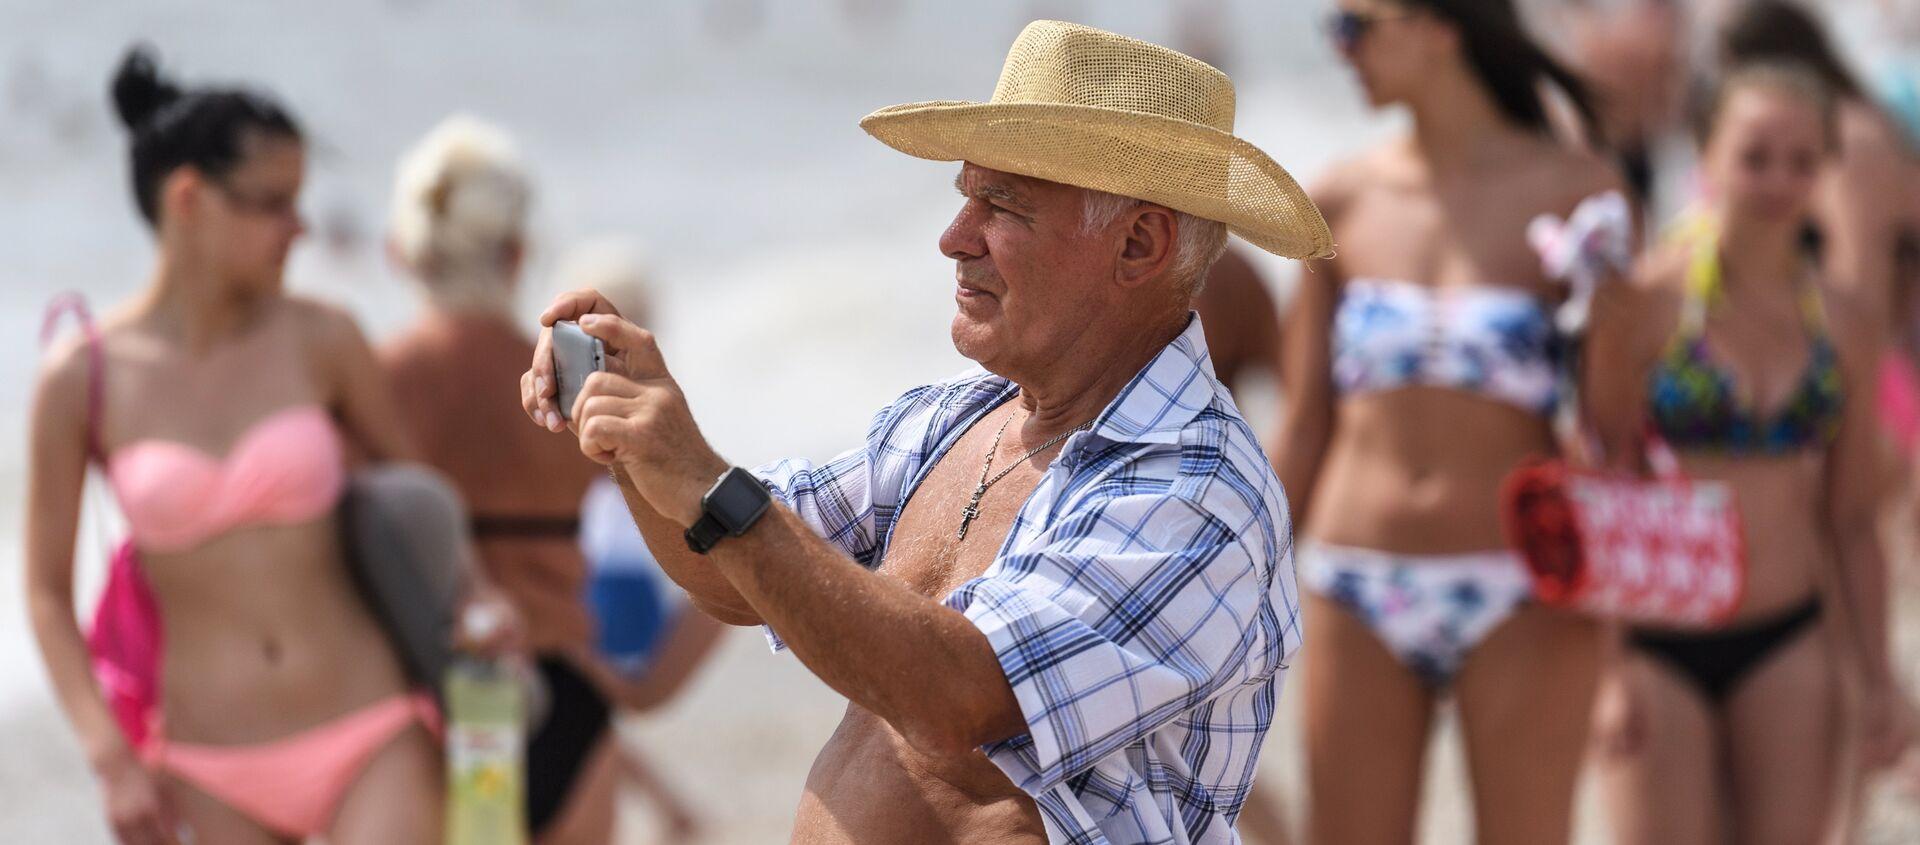 Un pensionato sulla spiaggia di Koktebel, in Crimea - Sputnik Italia, 1920, 02.09.2018